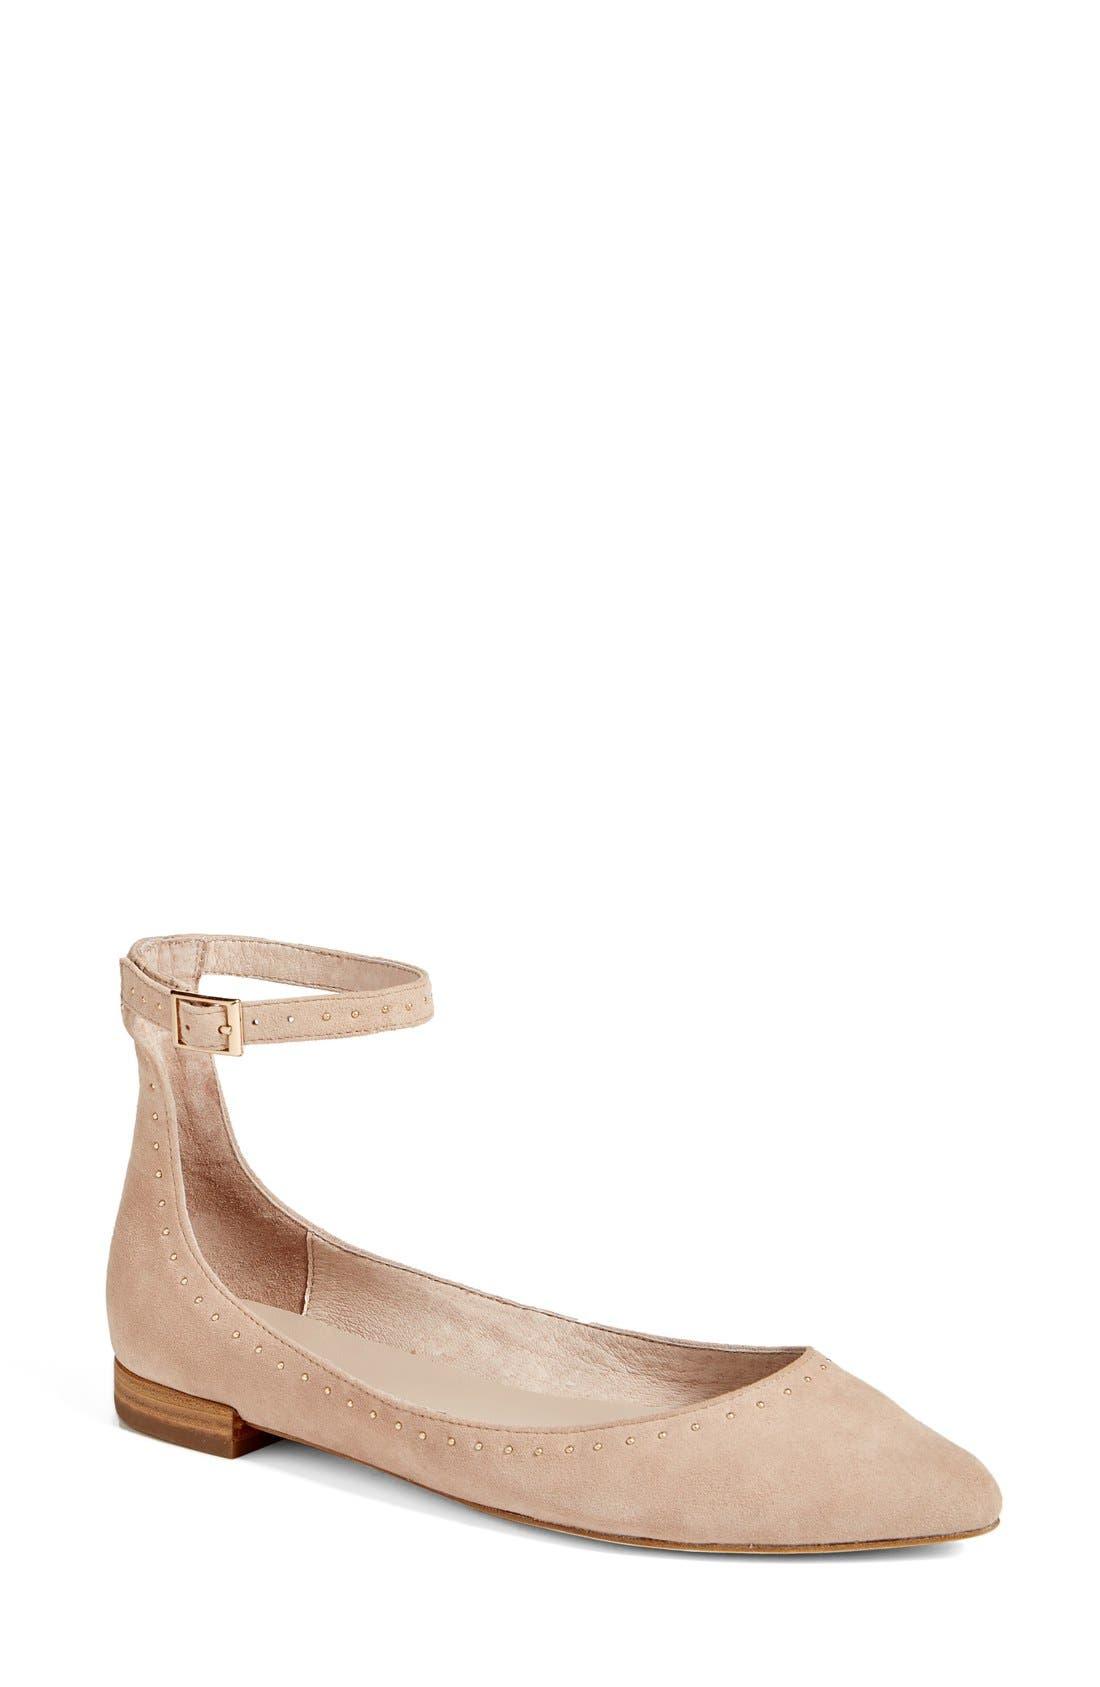 Afra Ankle Strap Ballet Flat,                         Main,                         color, 250